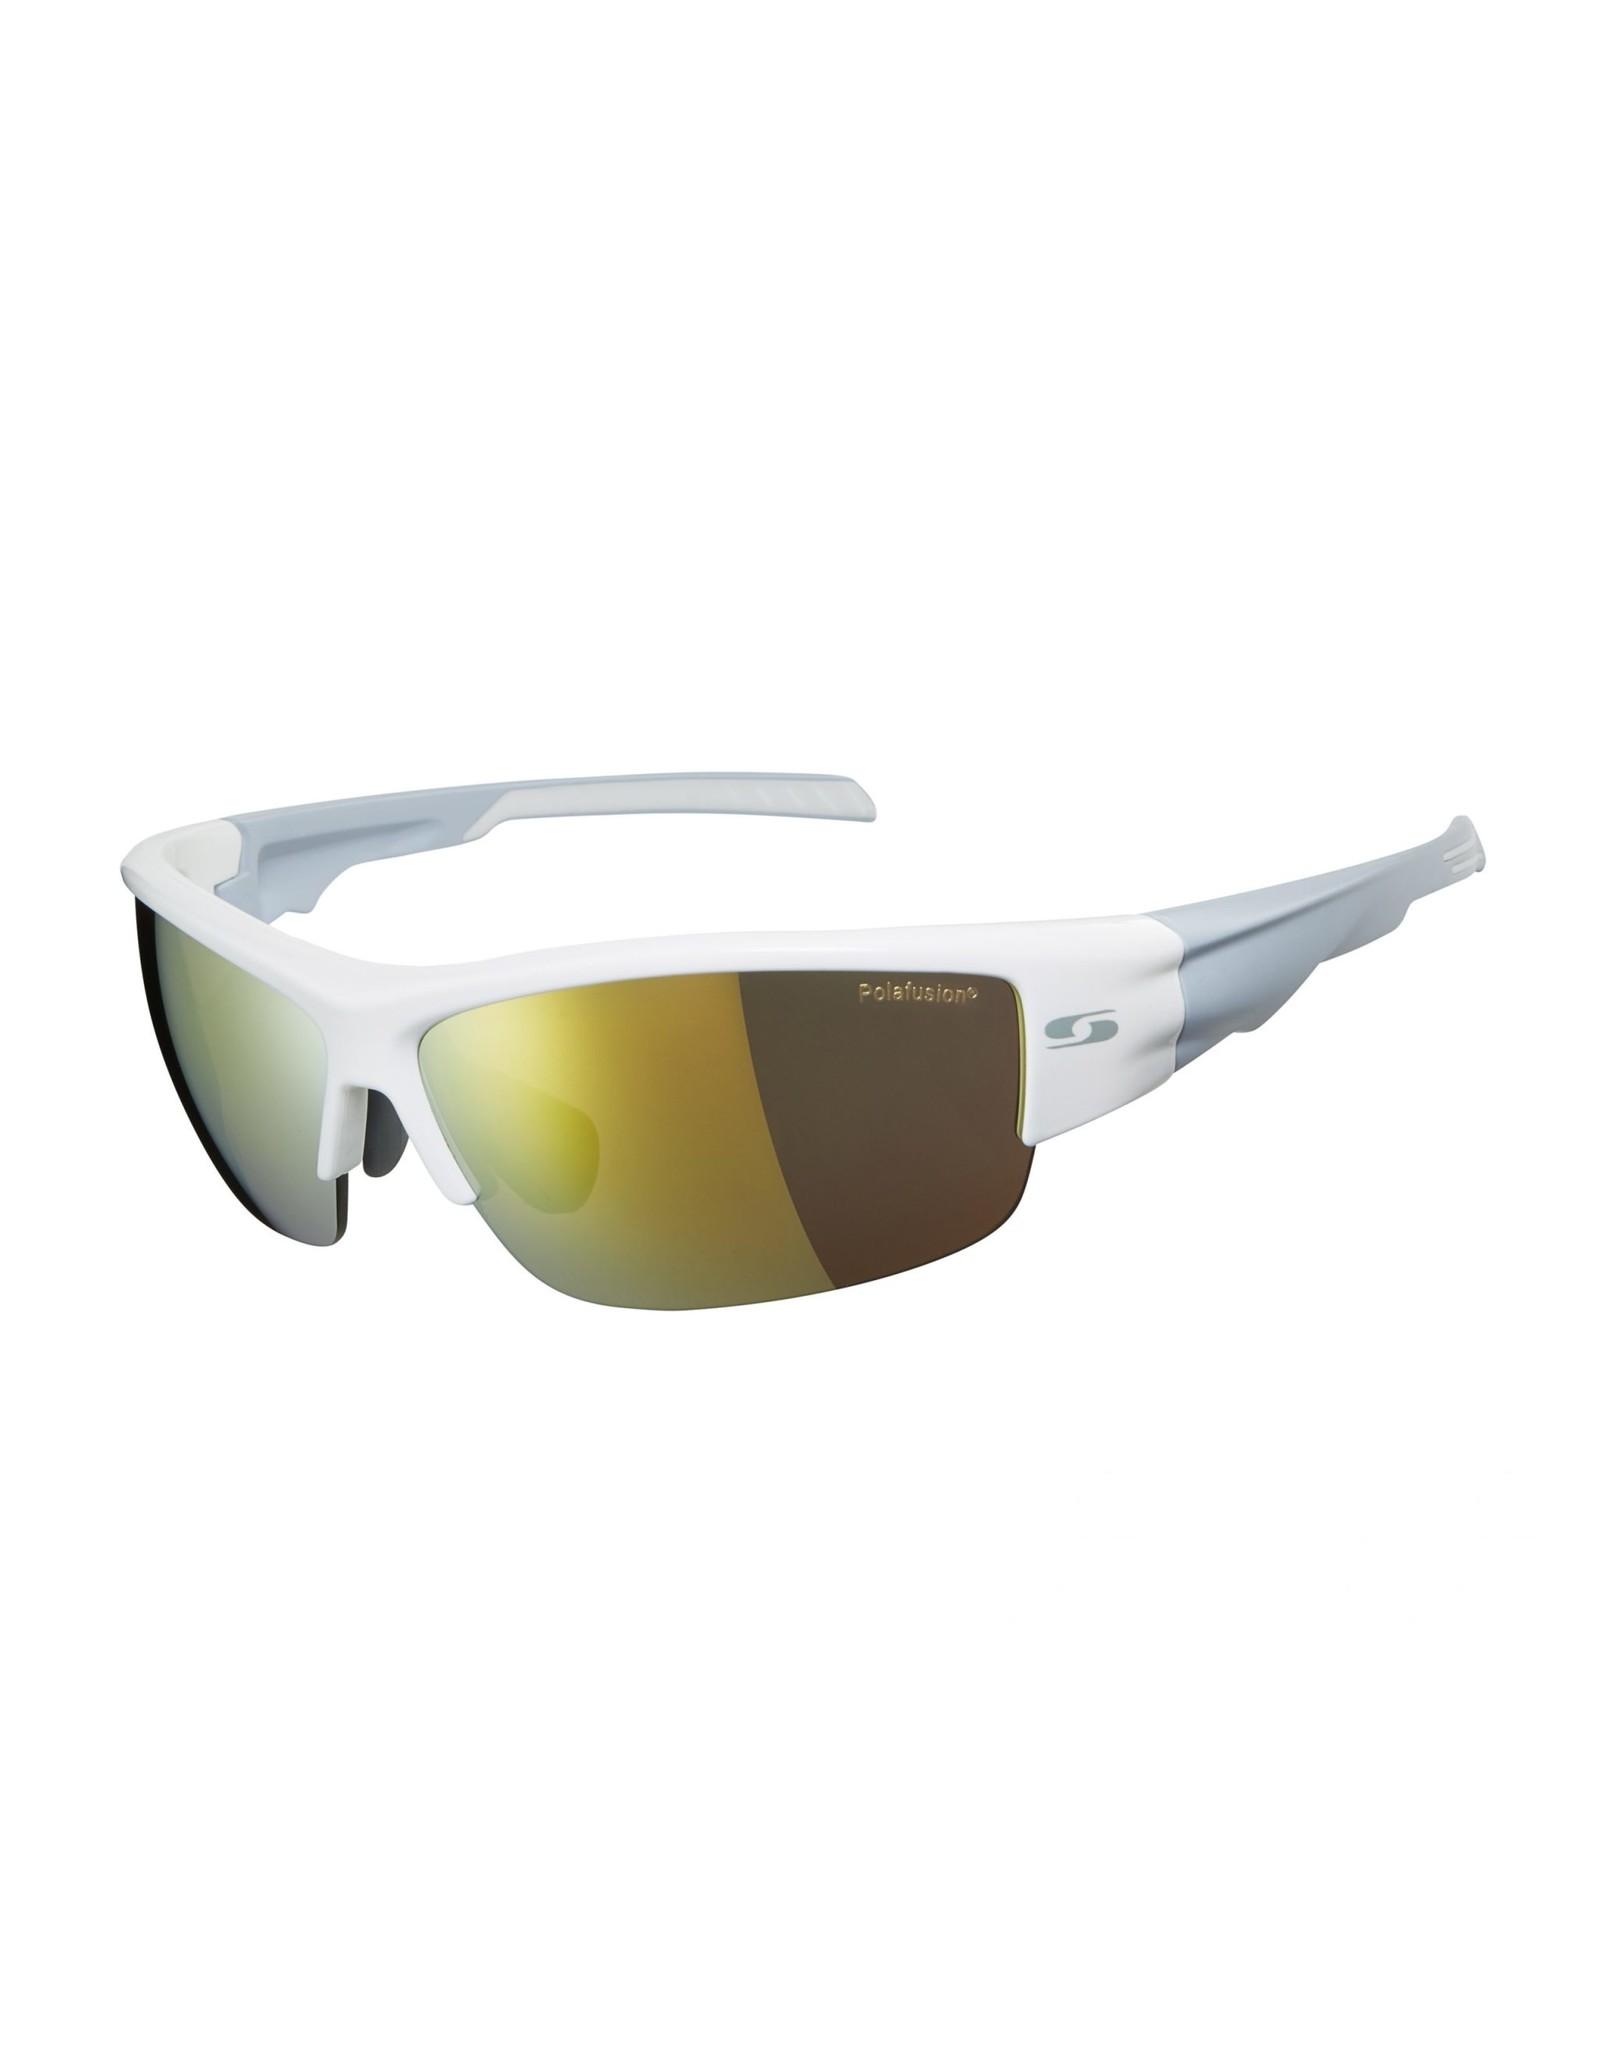 Sunwise Parade Polarised Cycling Sunglasses